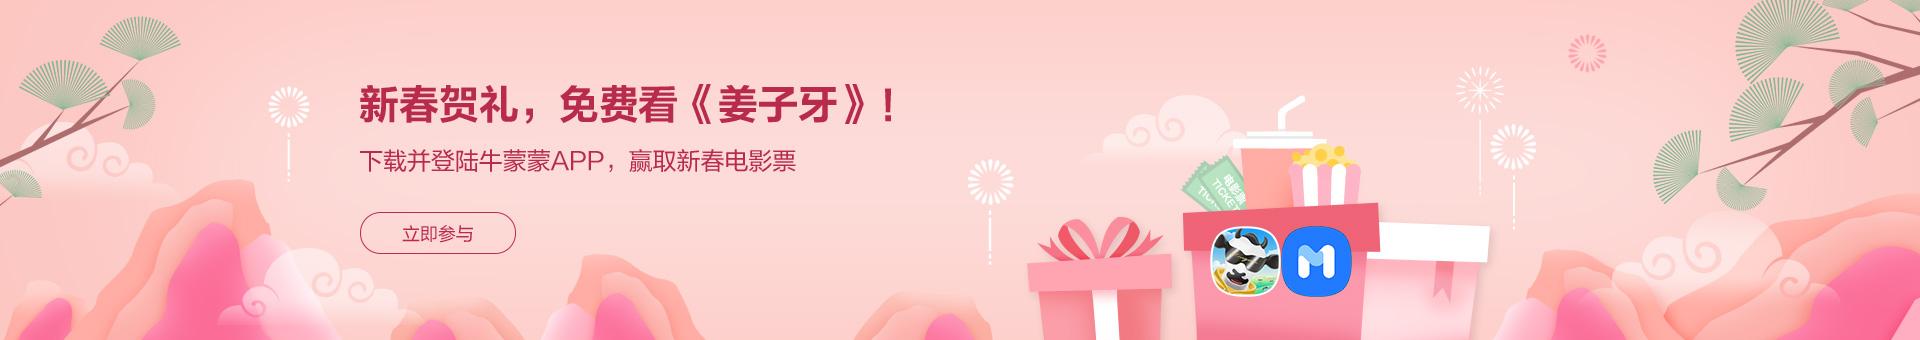 社区新春送礼,请你免费看《姜子牙》电影!